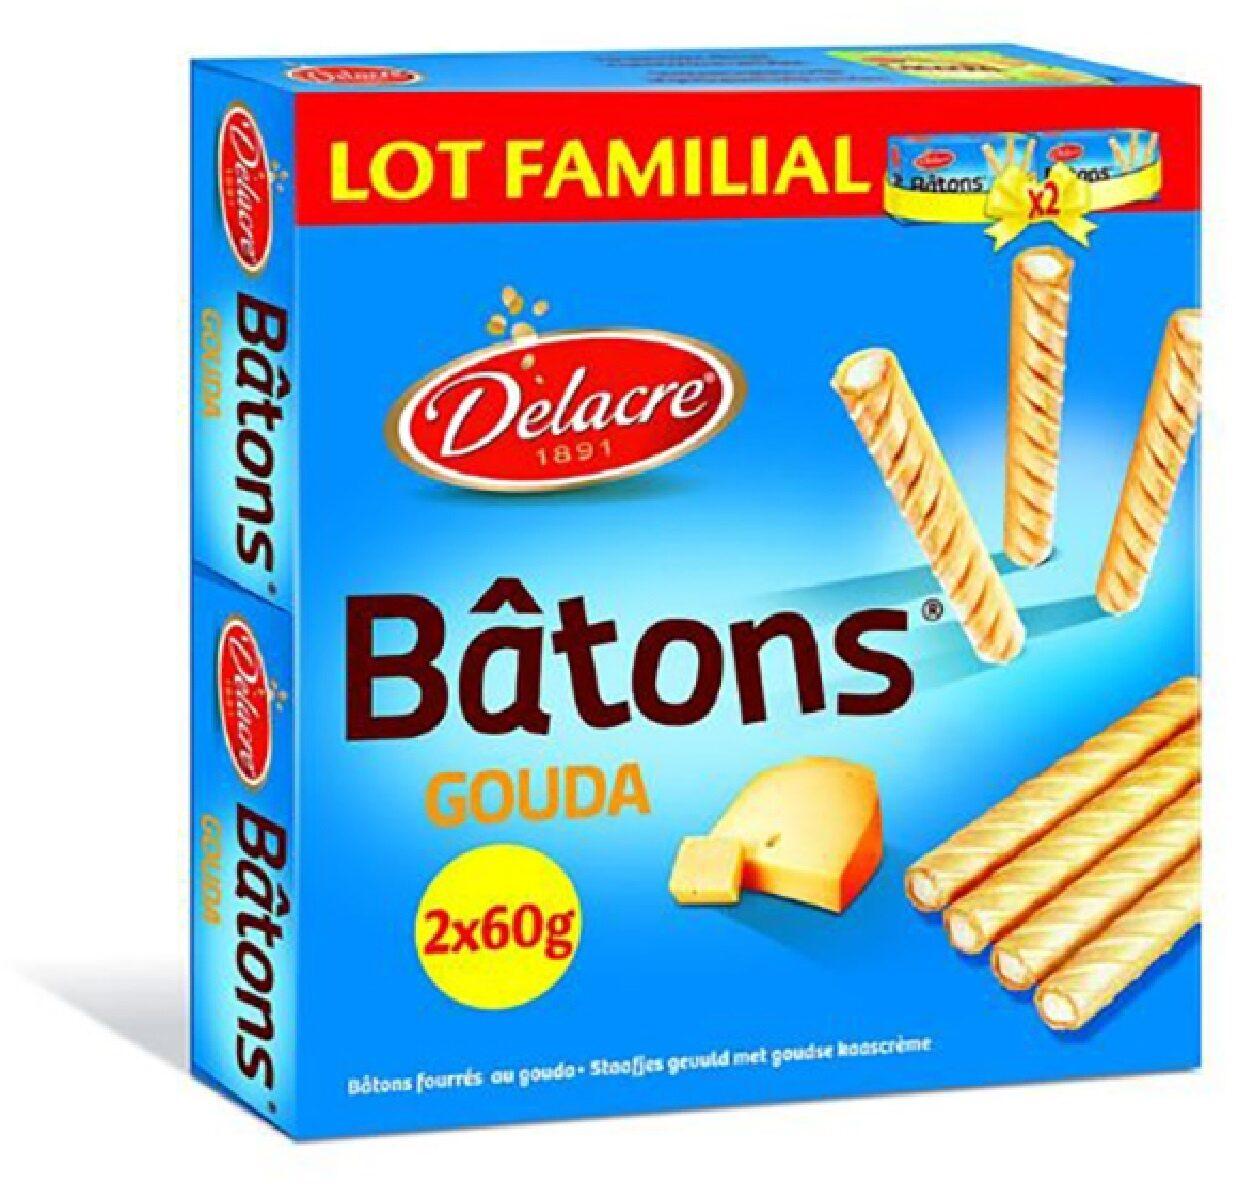 Delacre batons biscuits aperitifs fourres gouda lot familial 2x60g ( - Produit - fr